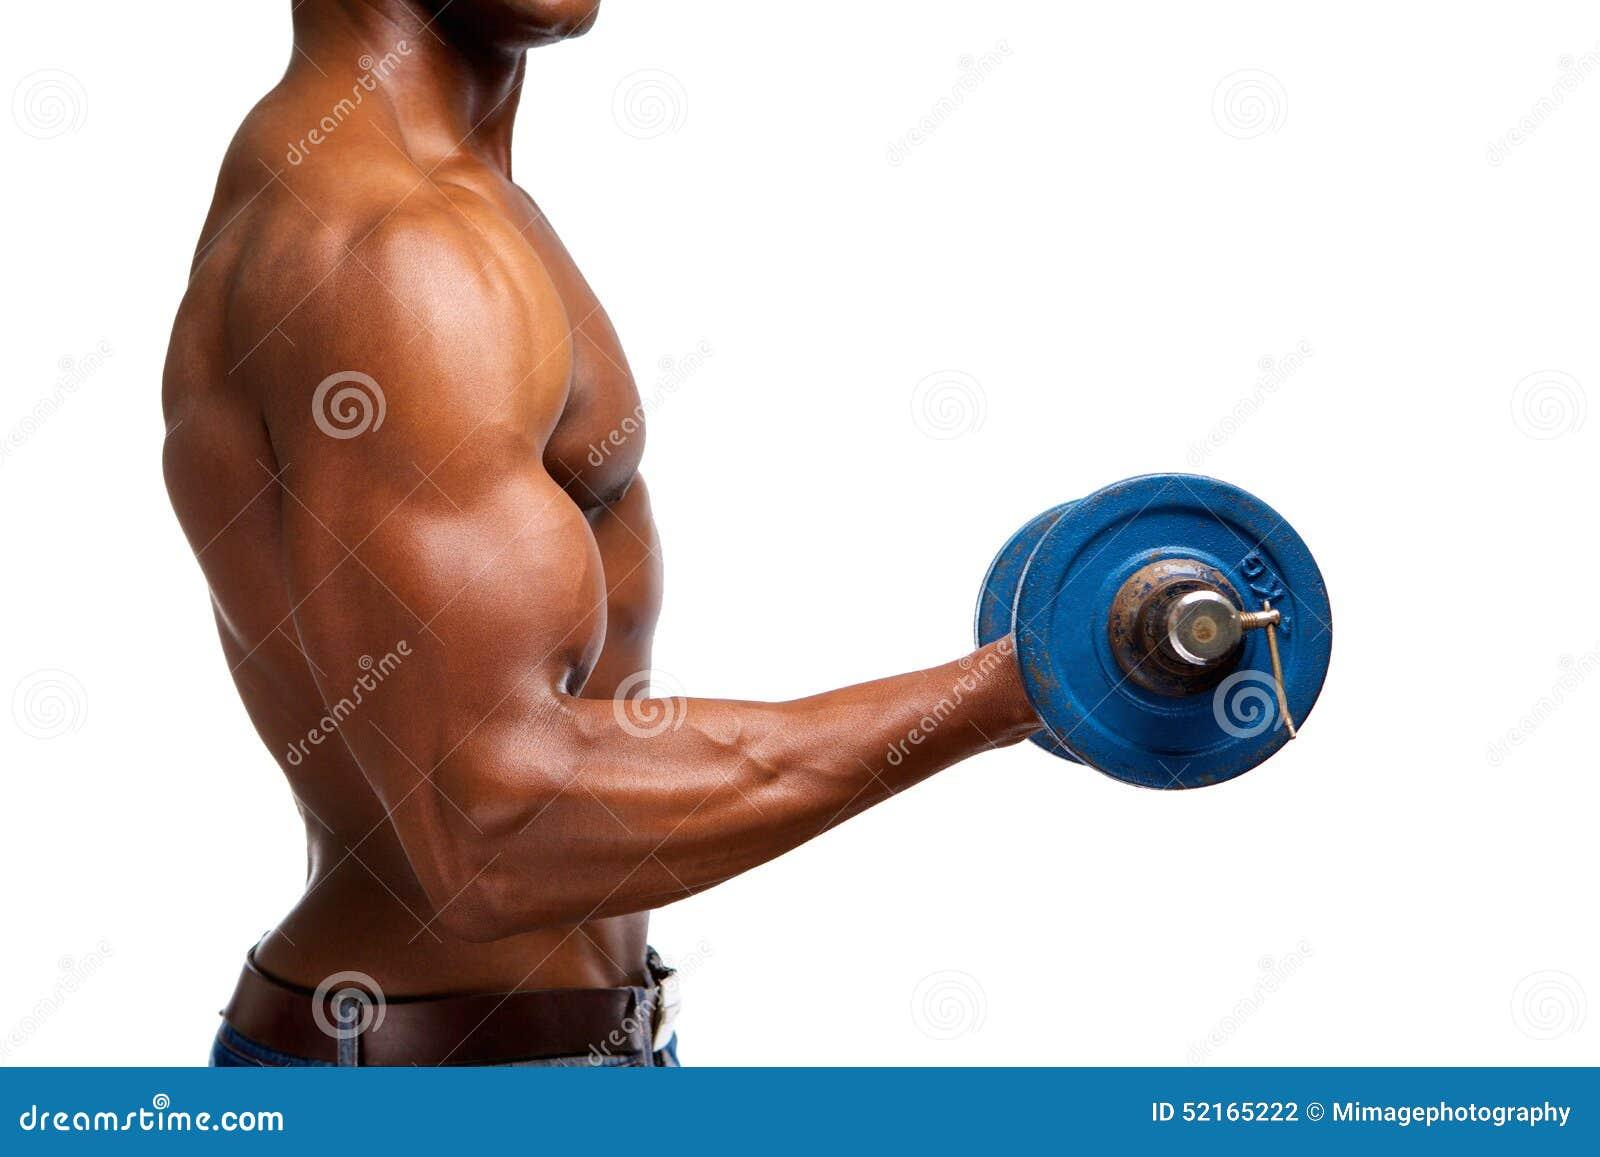 Muskulöse Turnhallengewichts-Bizepsübung Des Schwarzen Mannes ...